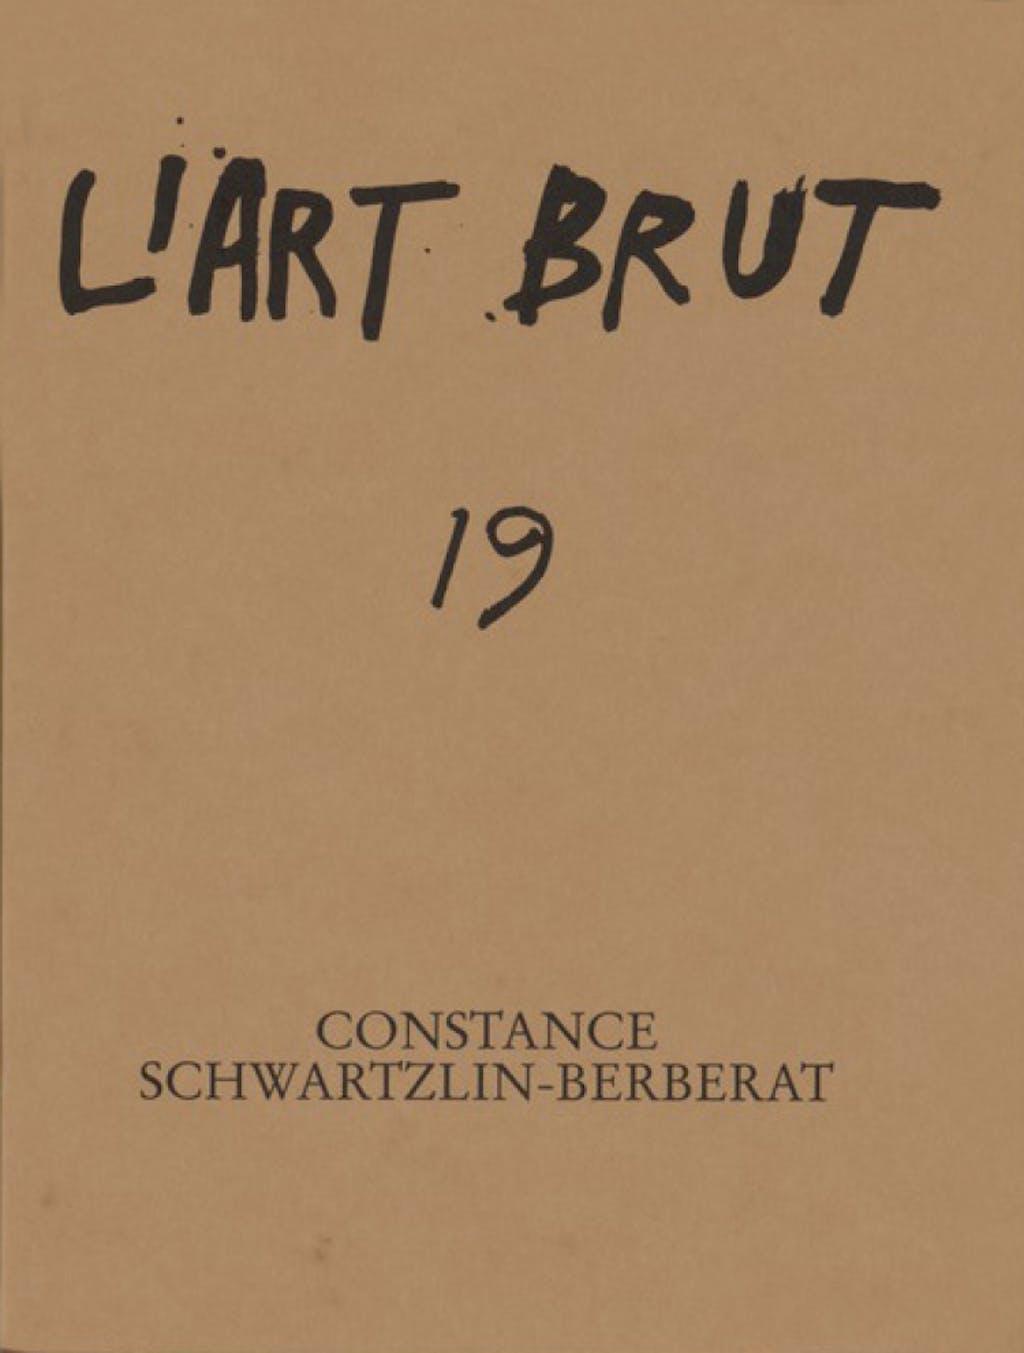 Fascicule de l'art brut n°19 - © christian berst — art brut